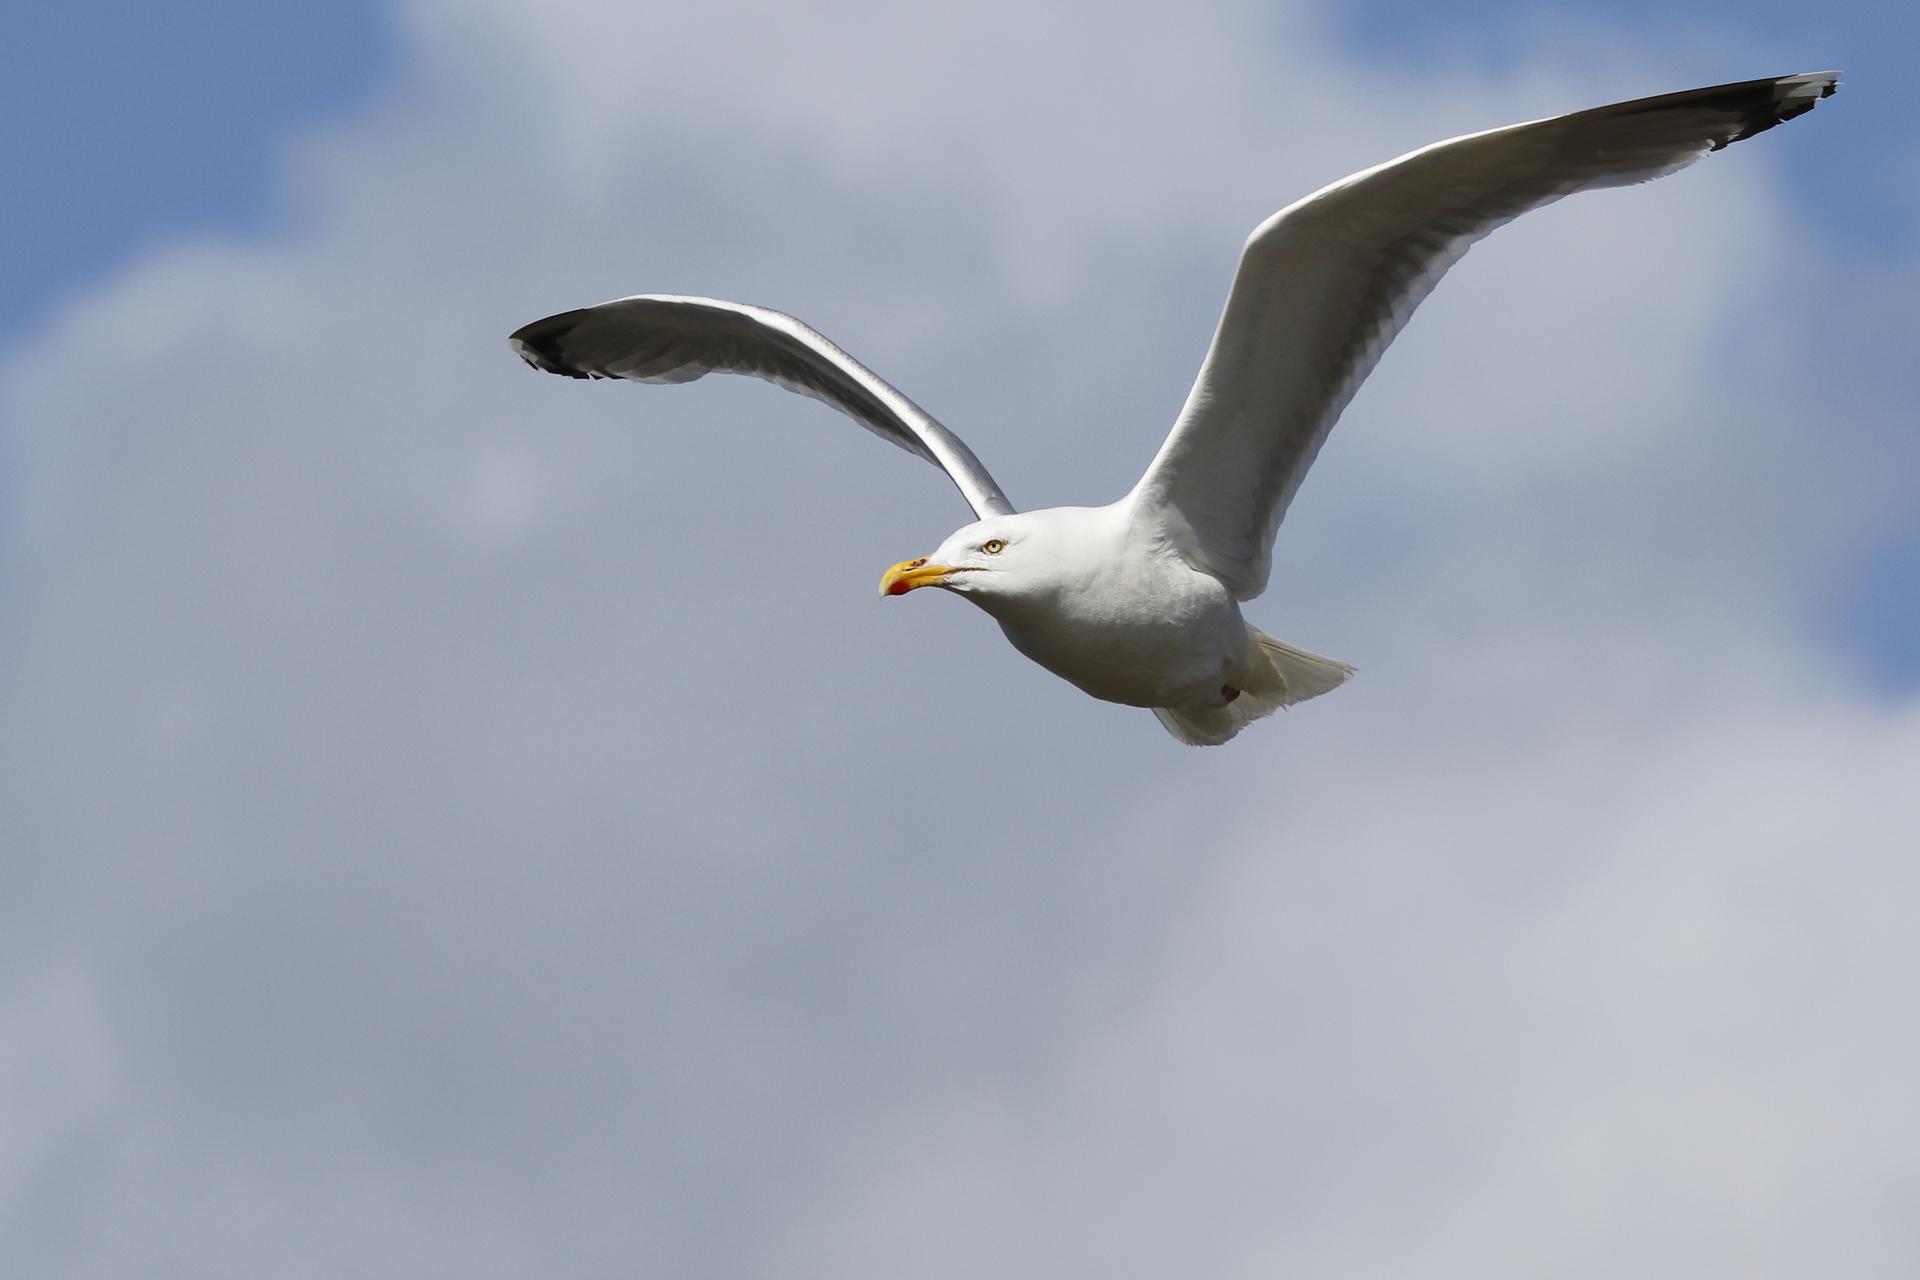 Seagull flying -  gråtrut mås flyger